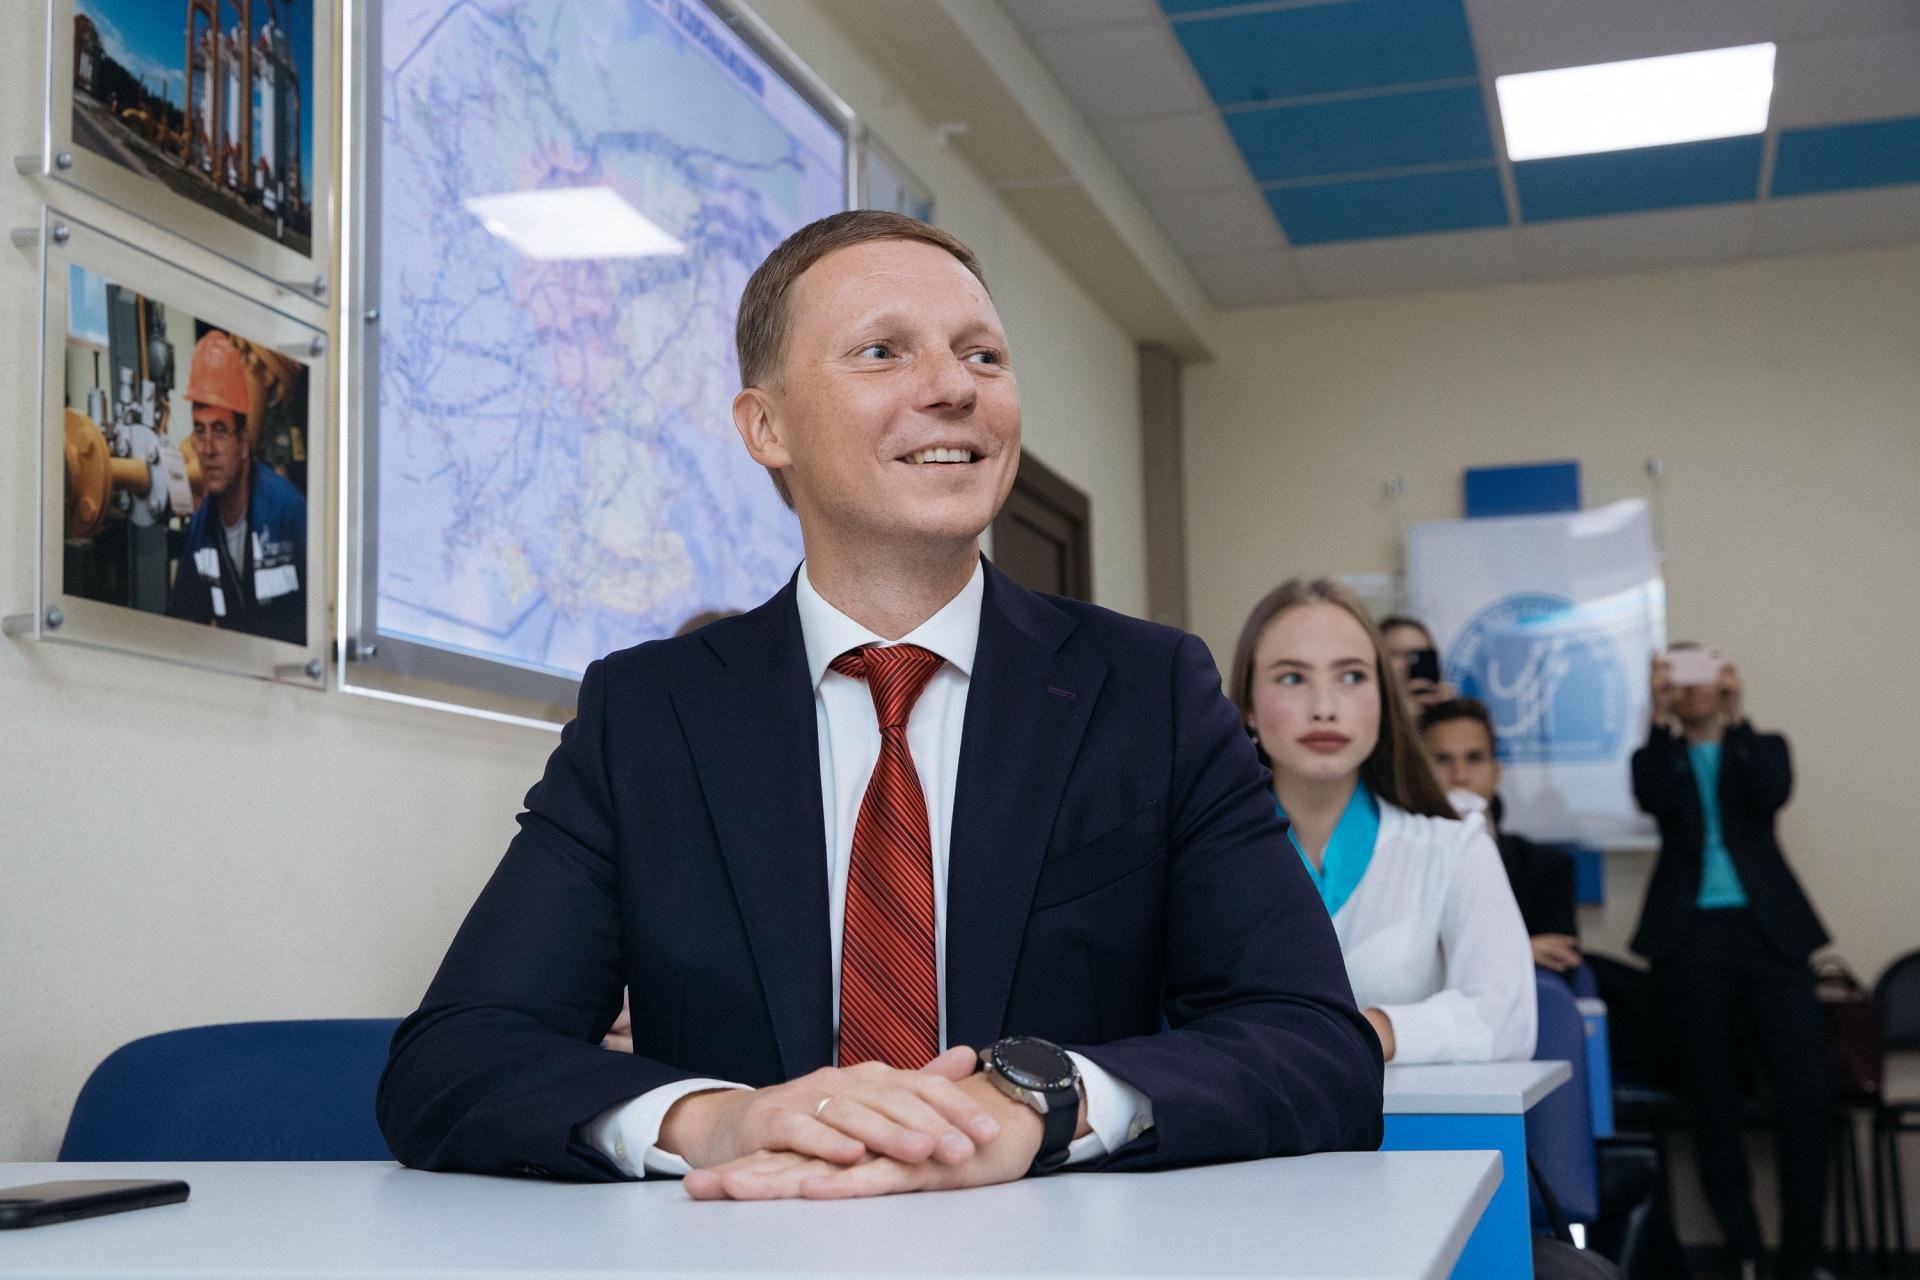 1-sentyabrya-gazprom-klass-foto-M.-Sivakova-1.jpg